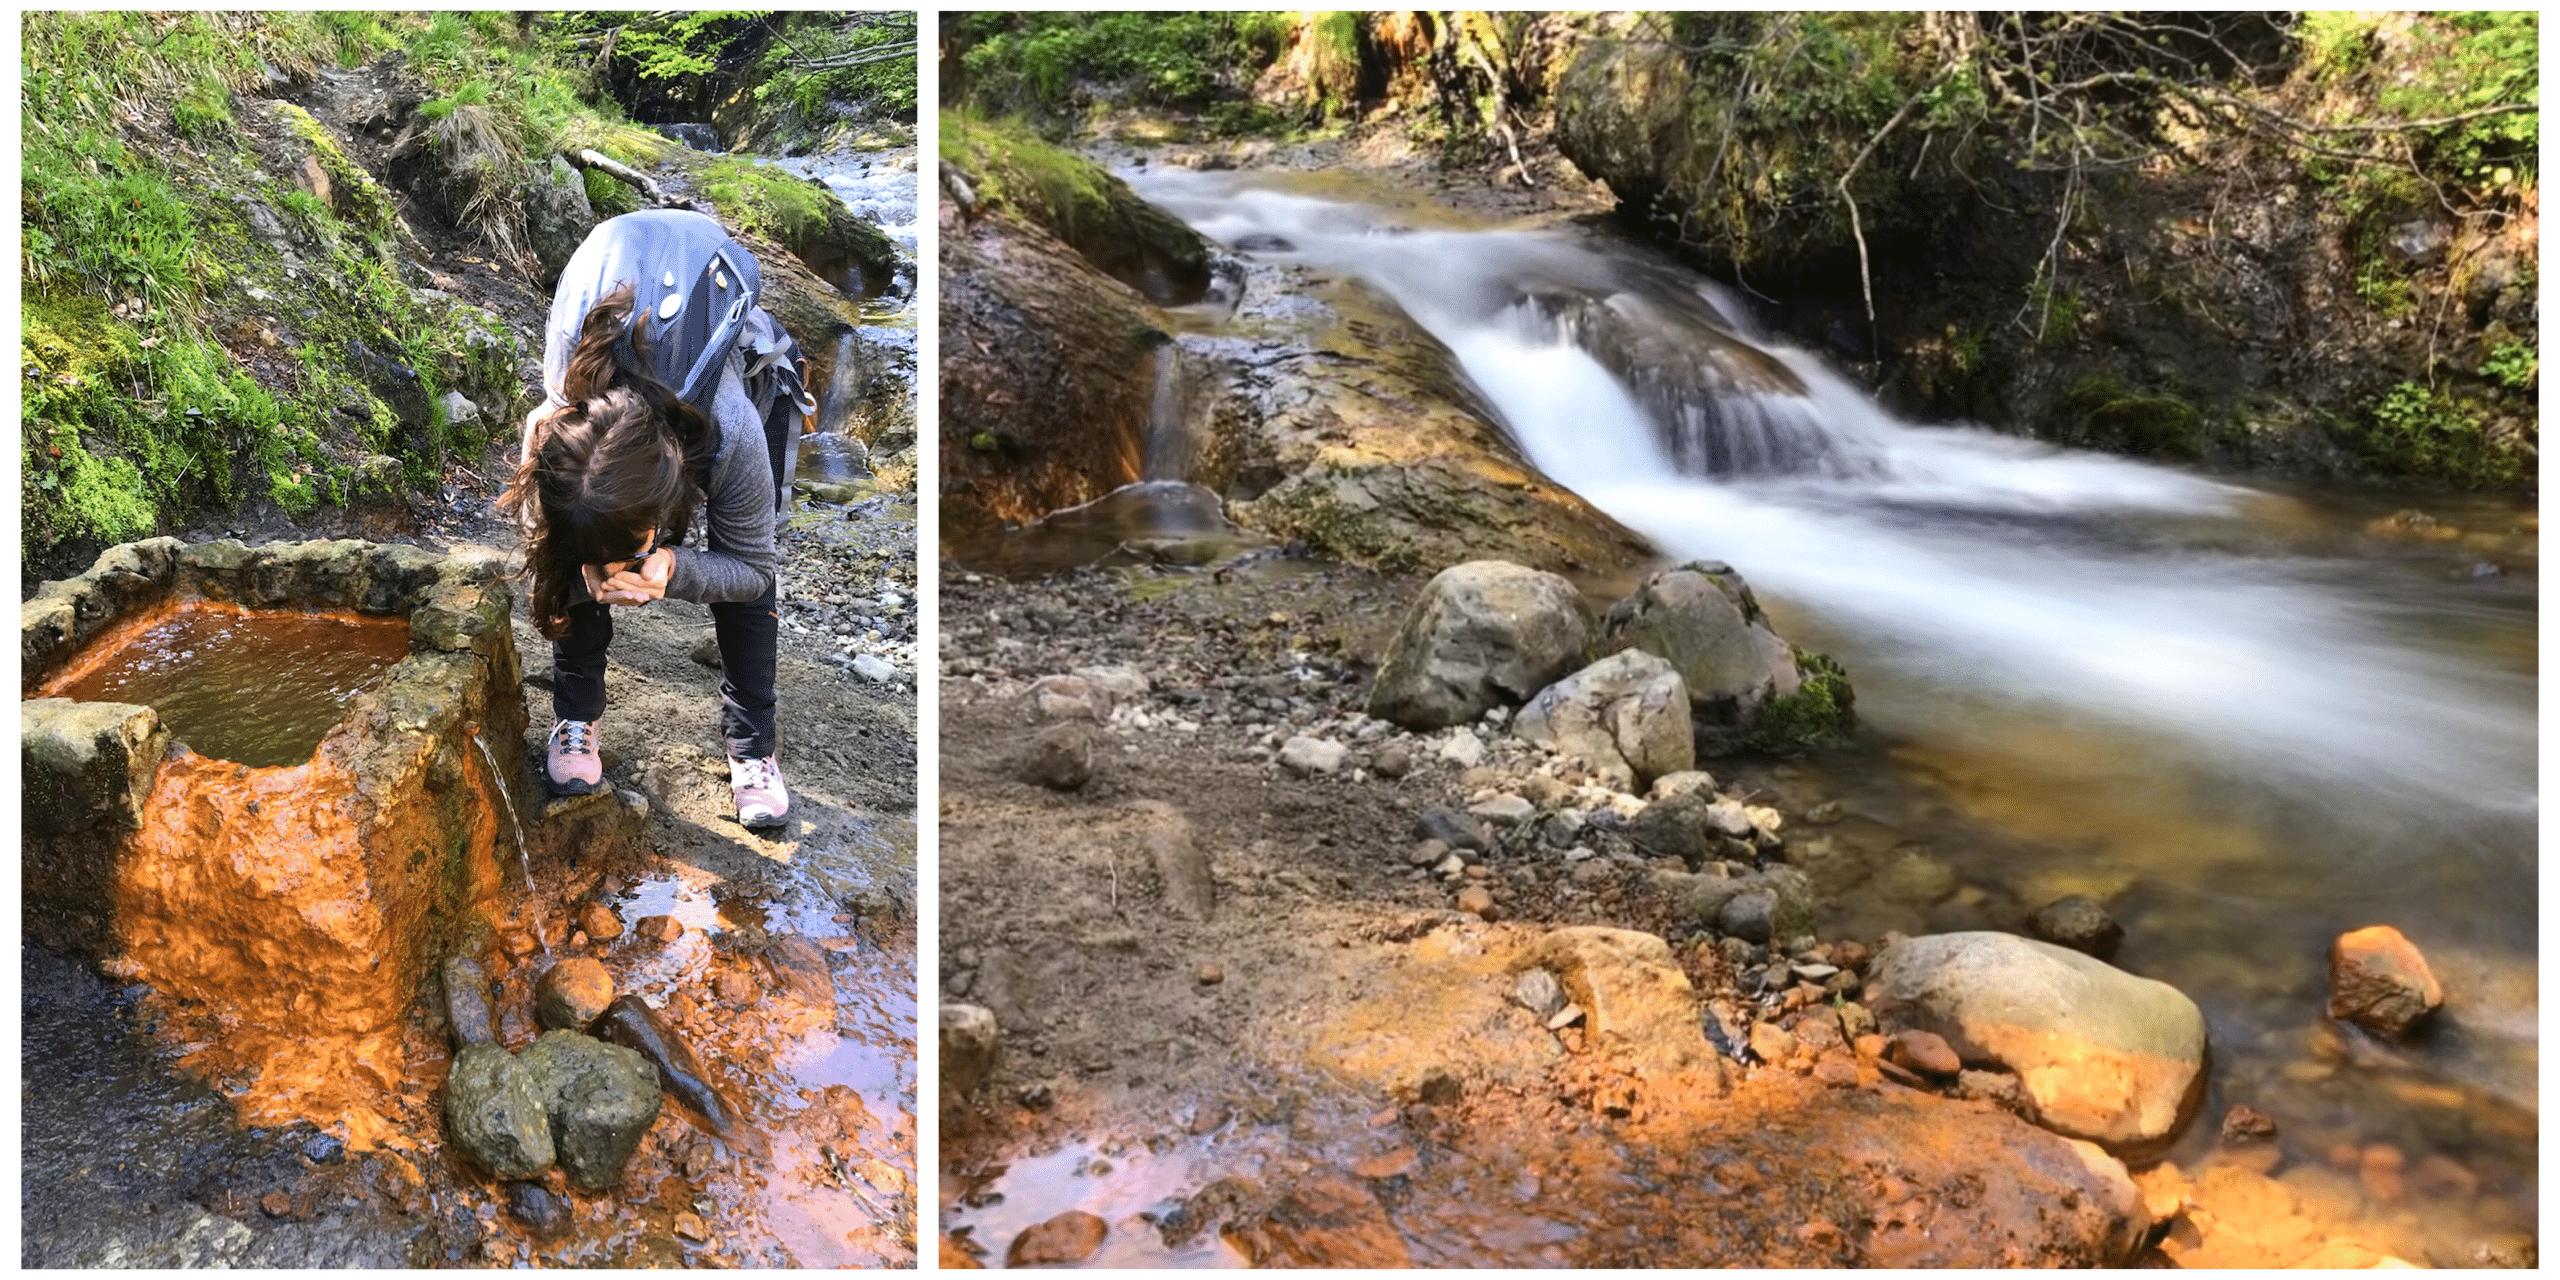 vallée de chaudefour source saint anne